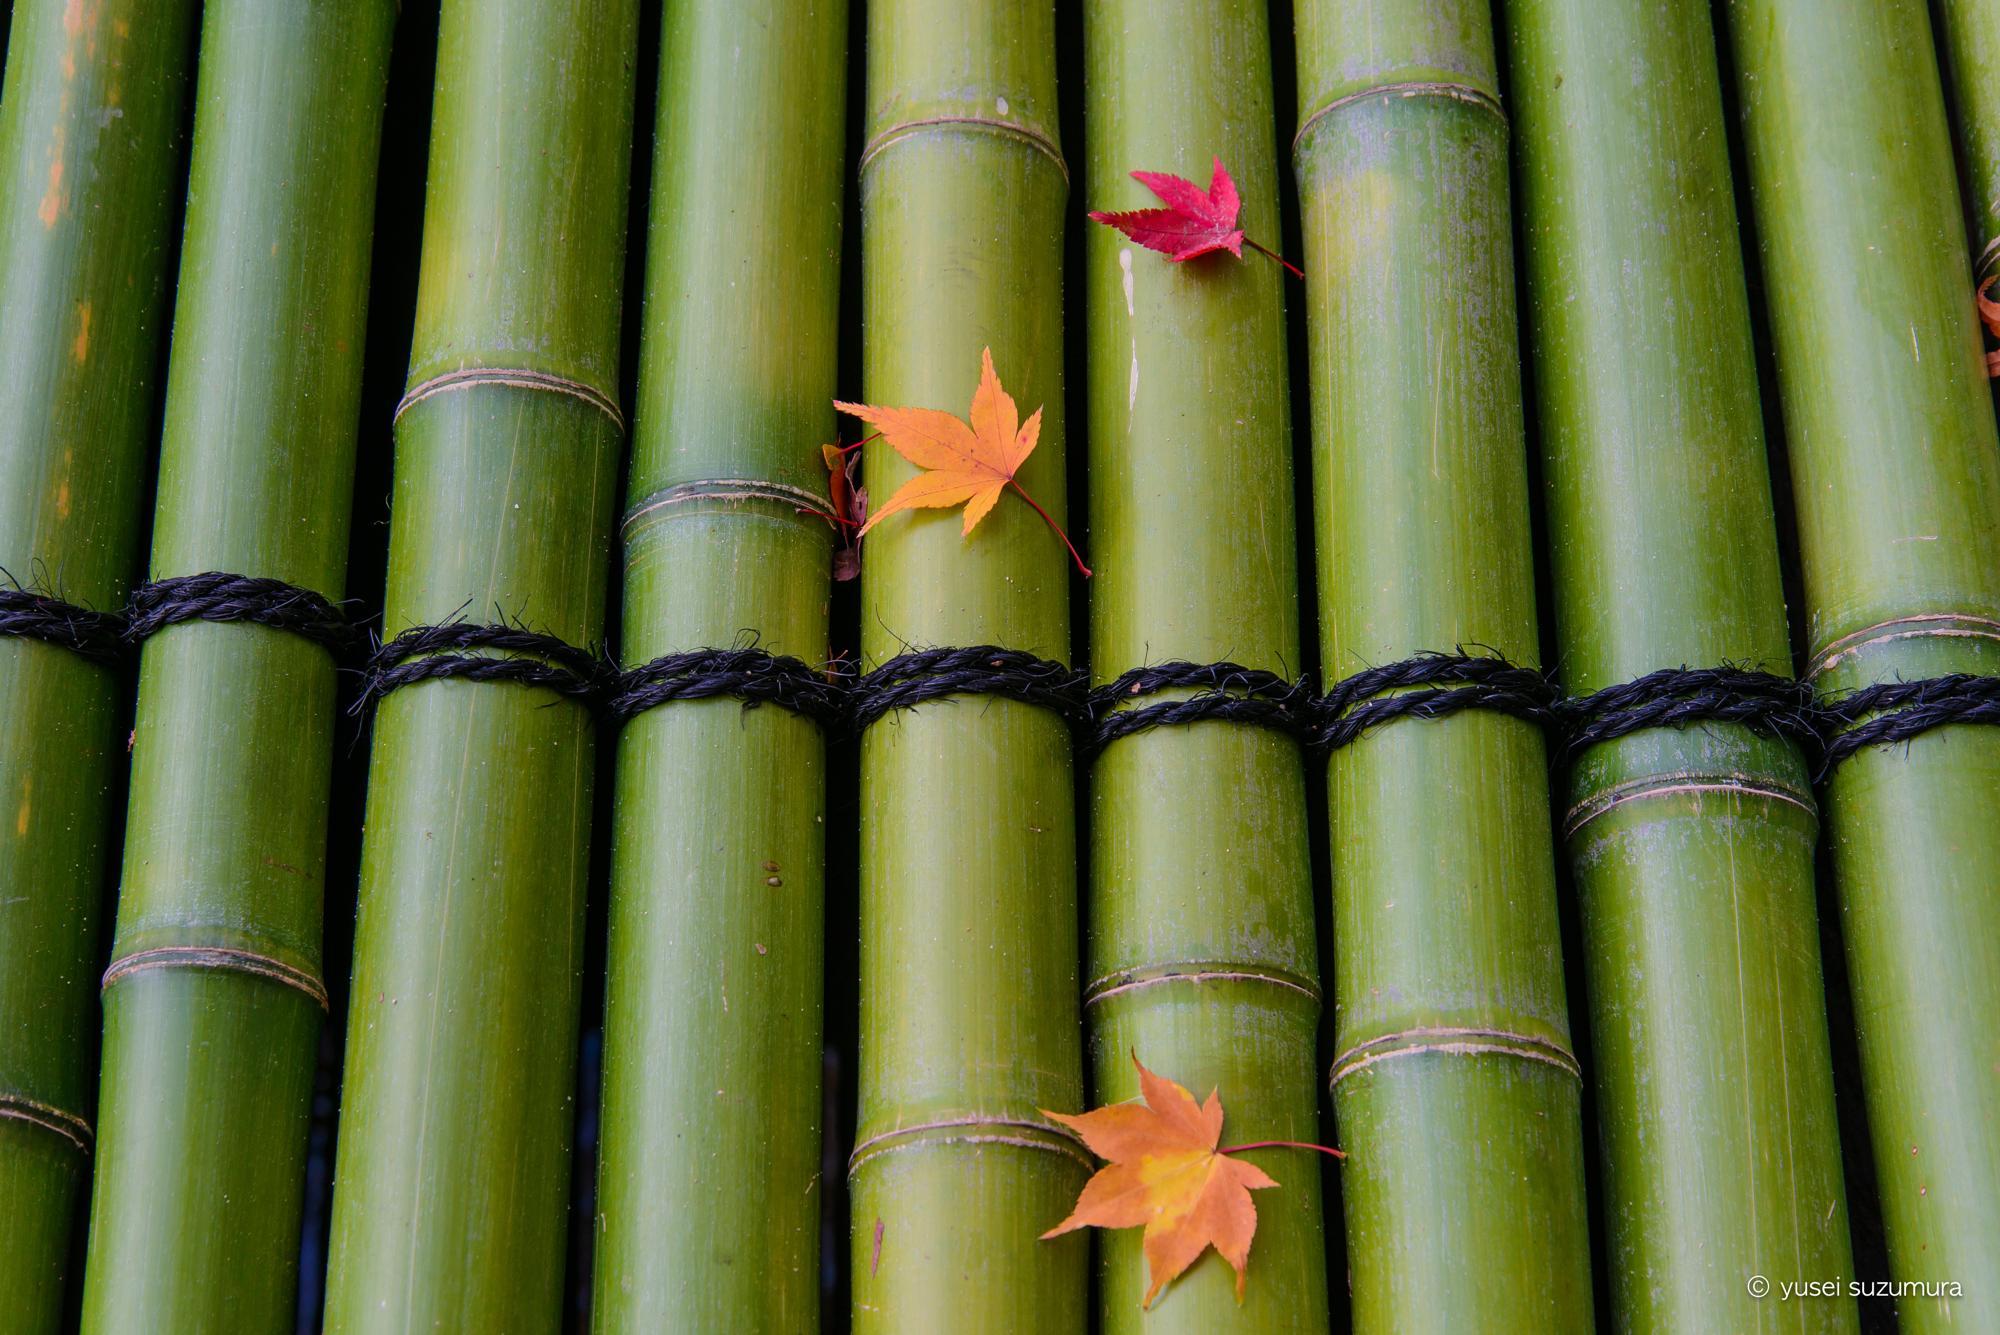 竹の上の紅葉